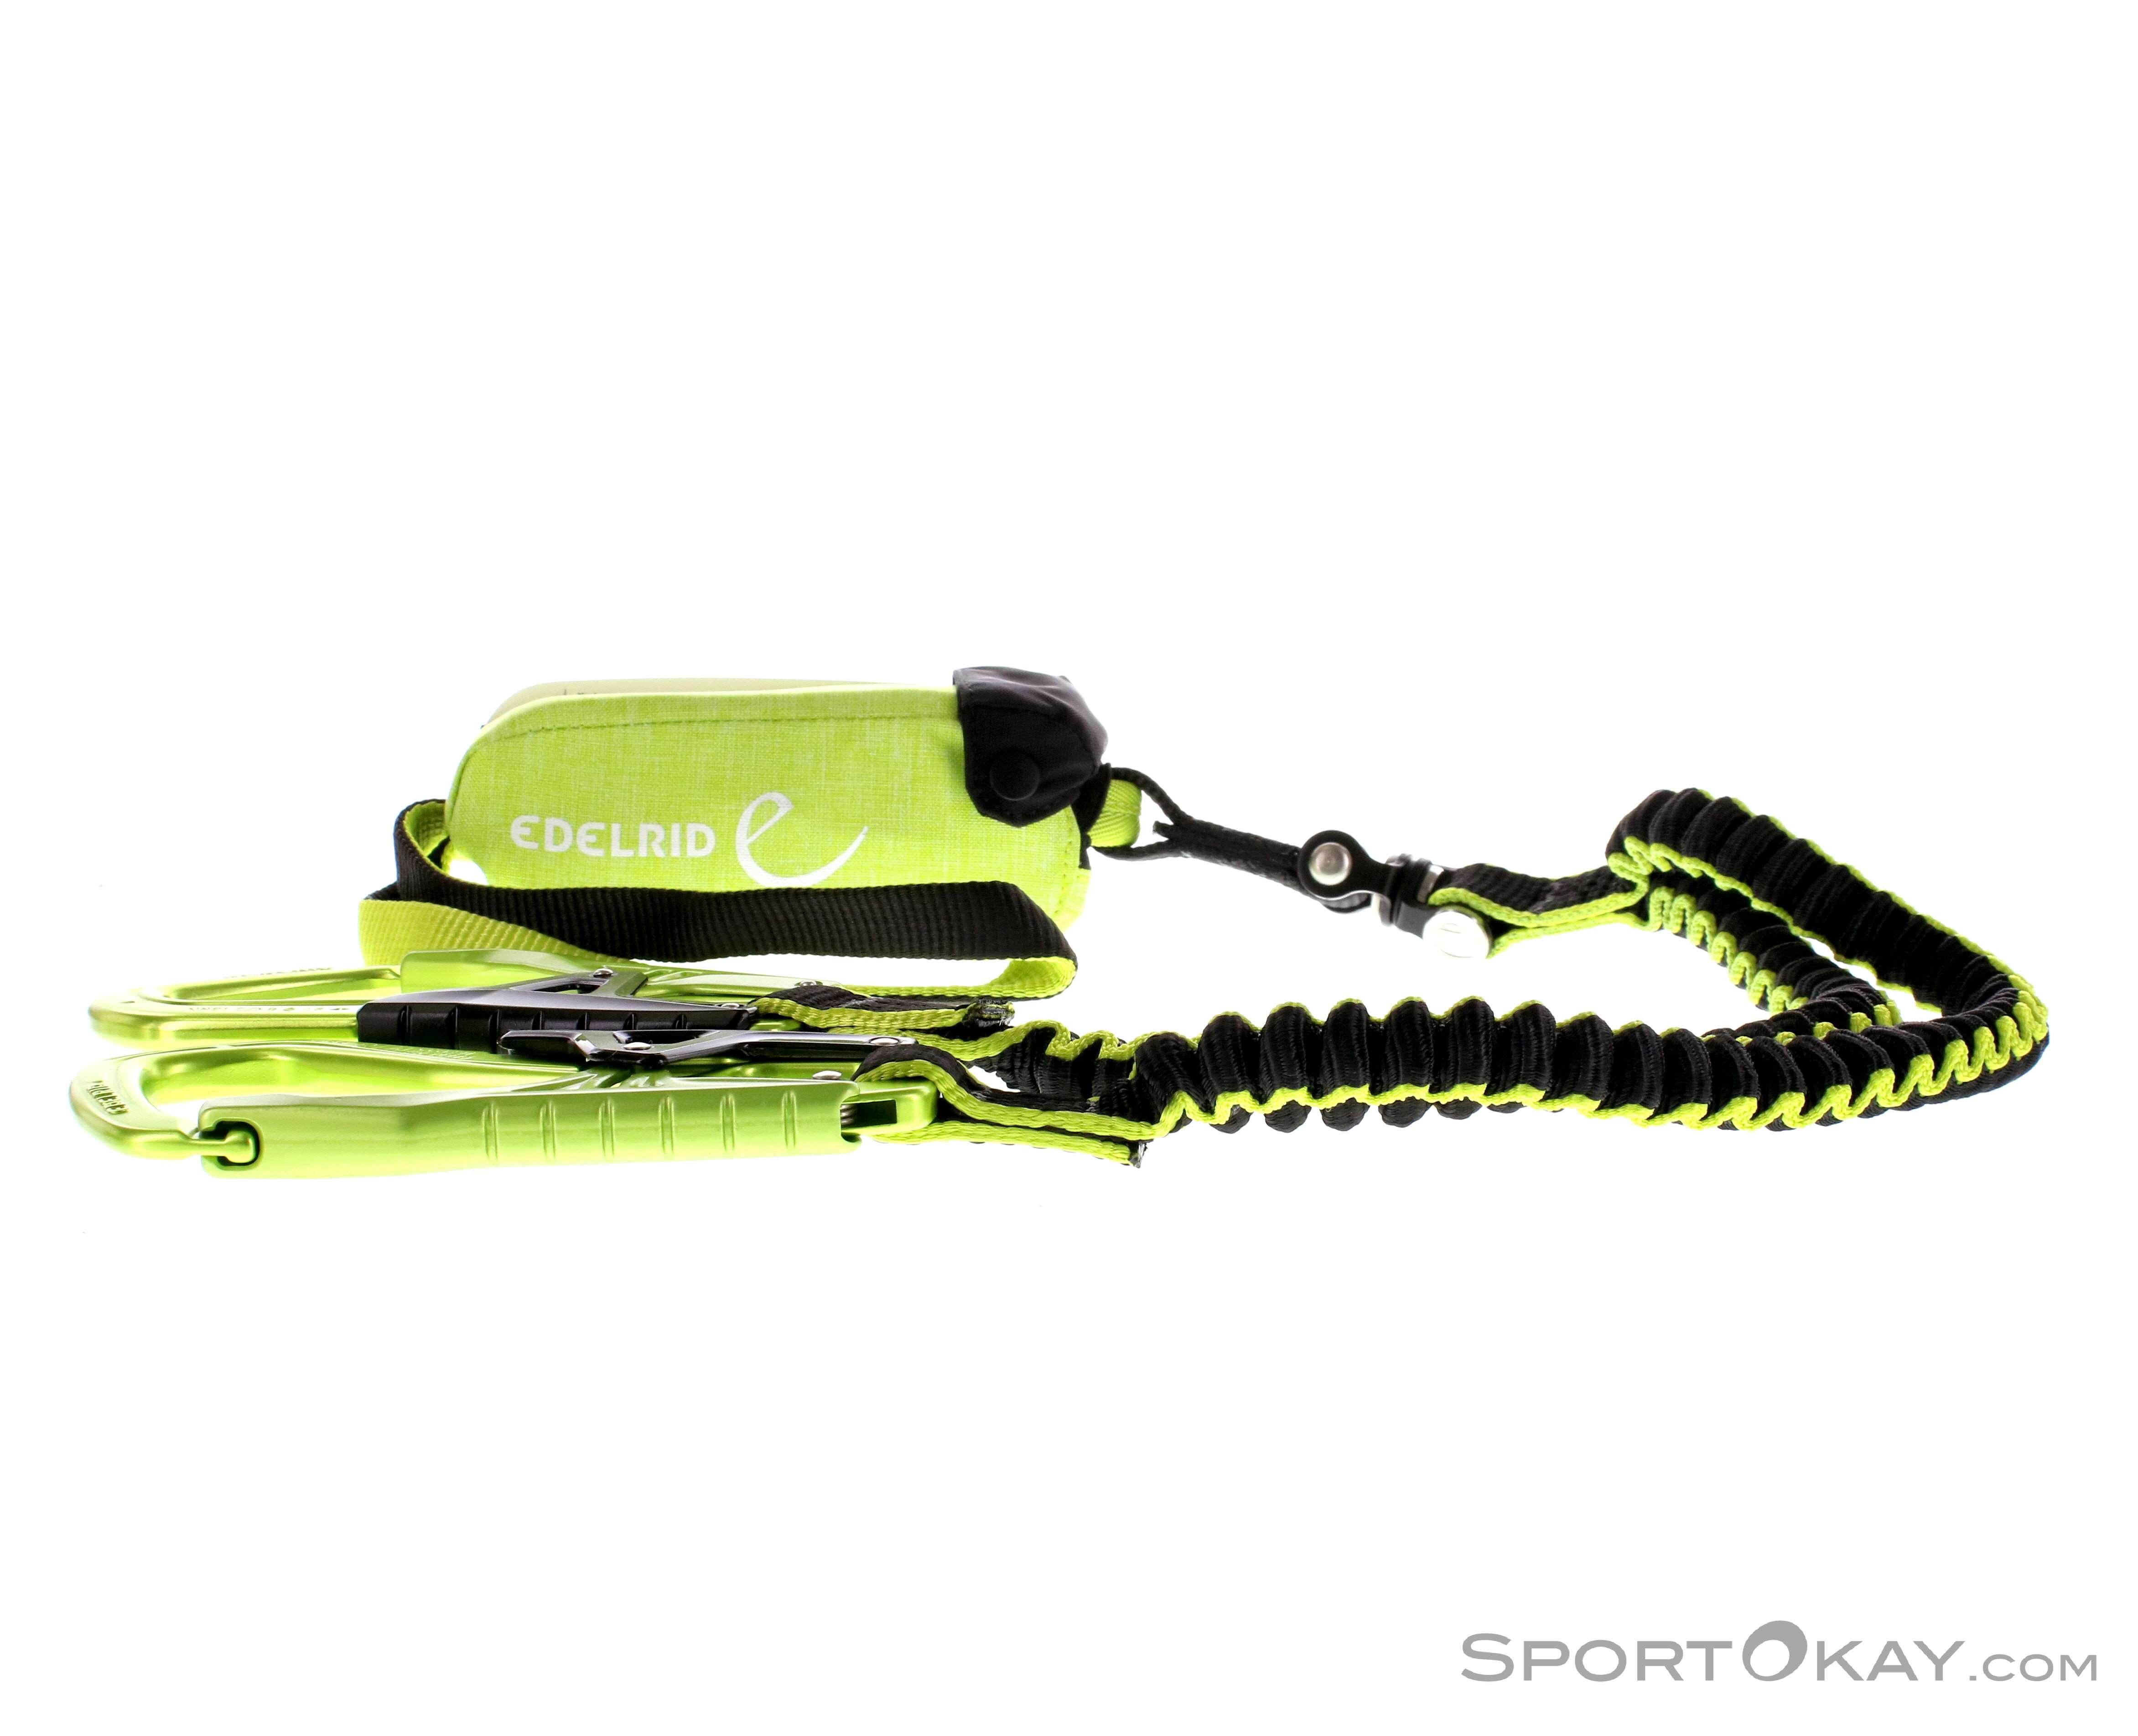 Klettersteigset Dämpfer : Edelrid cable comfort 5.0 klettersteigset